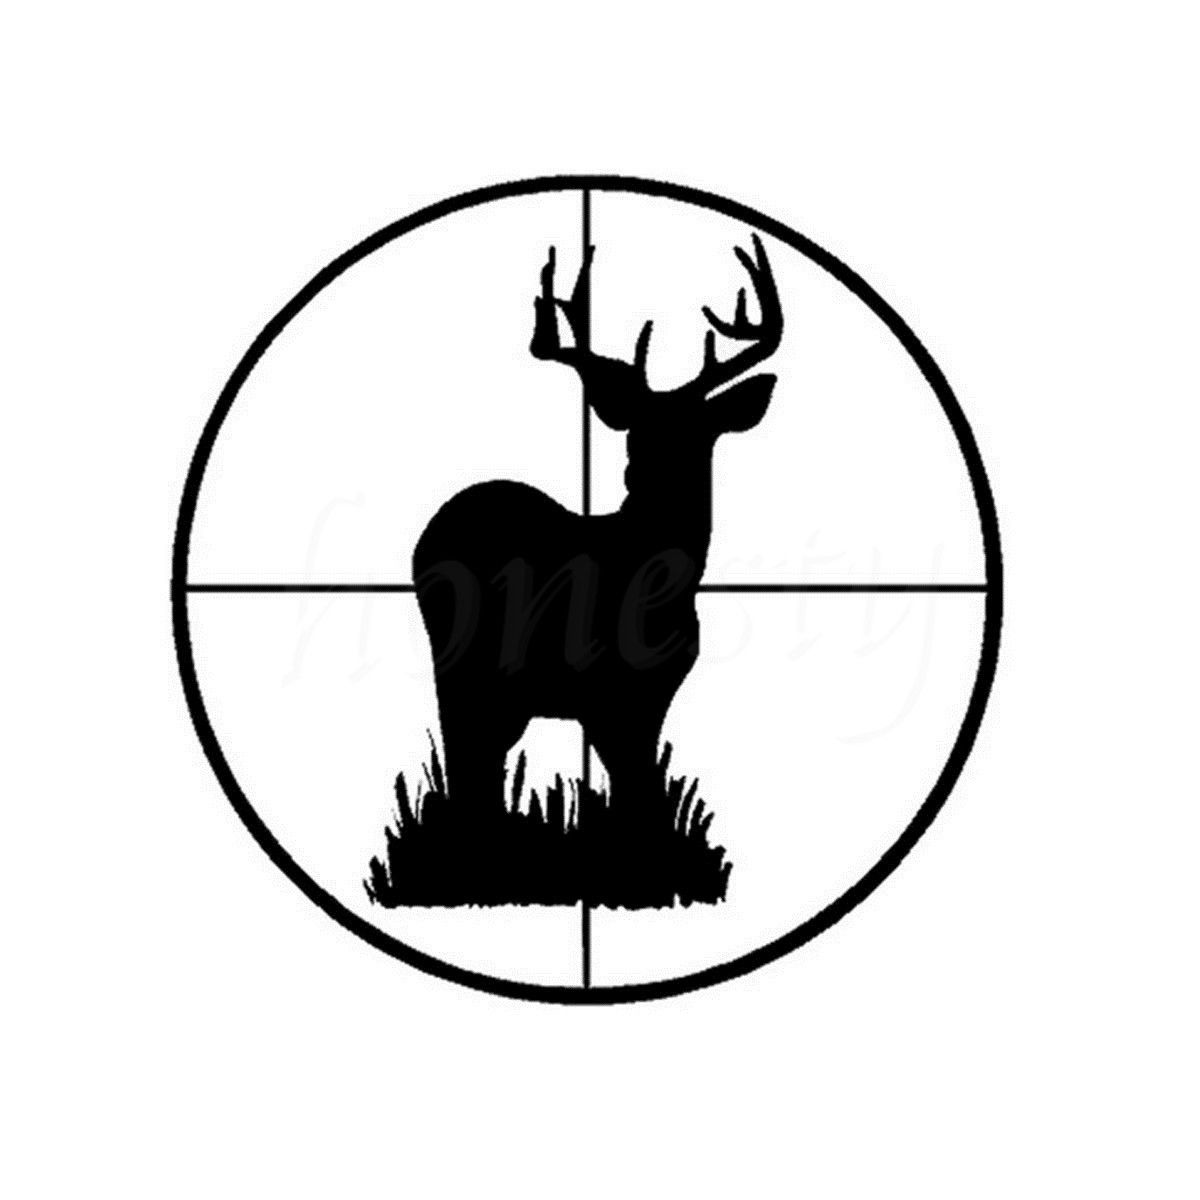 Creative Car Body Decals Deer Buck Scope Target Vinyl